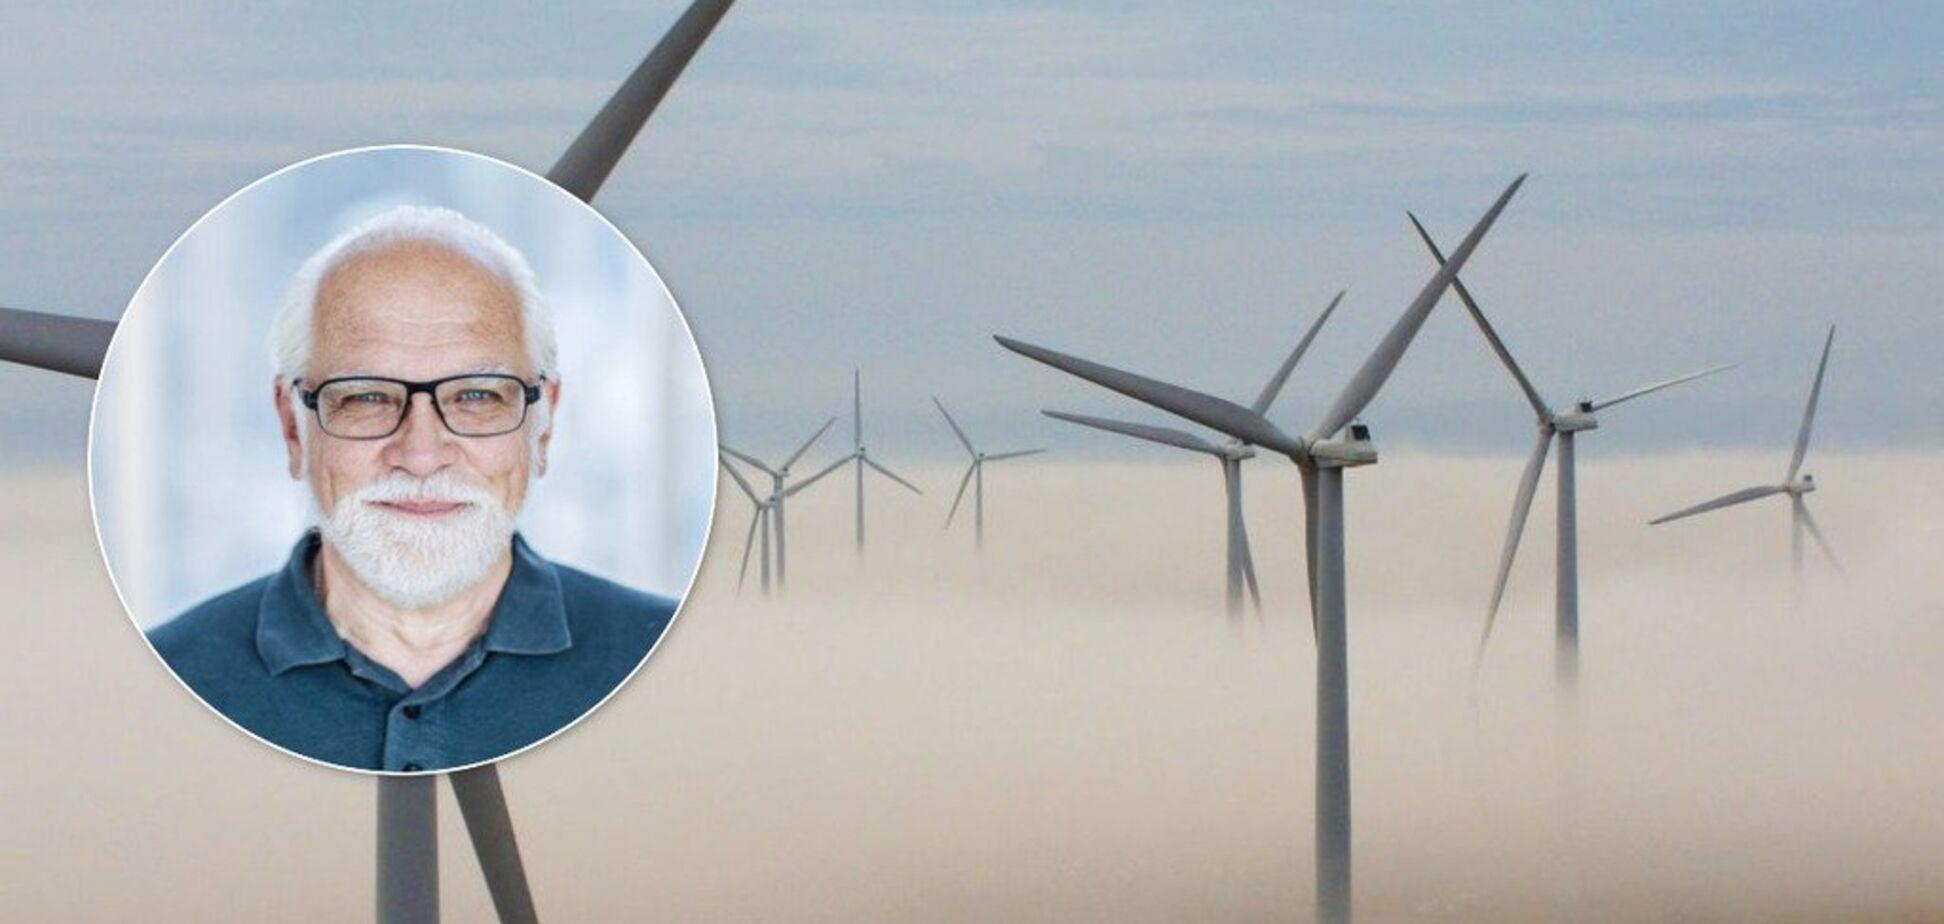 'Топливные двигатели исчезнут': эксперт предрек безоговорочную победу 'зеленой энергетики'